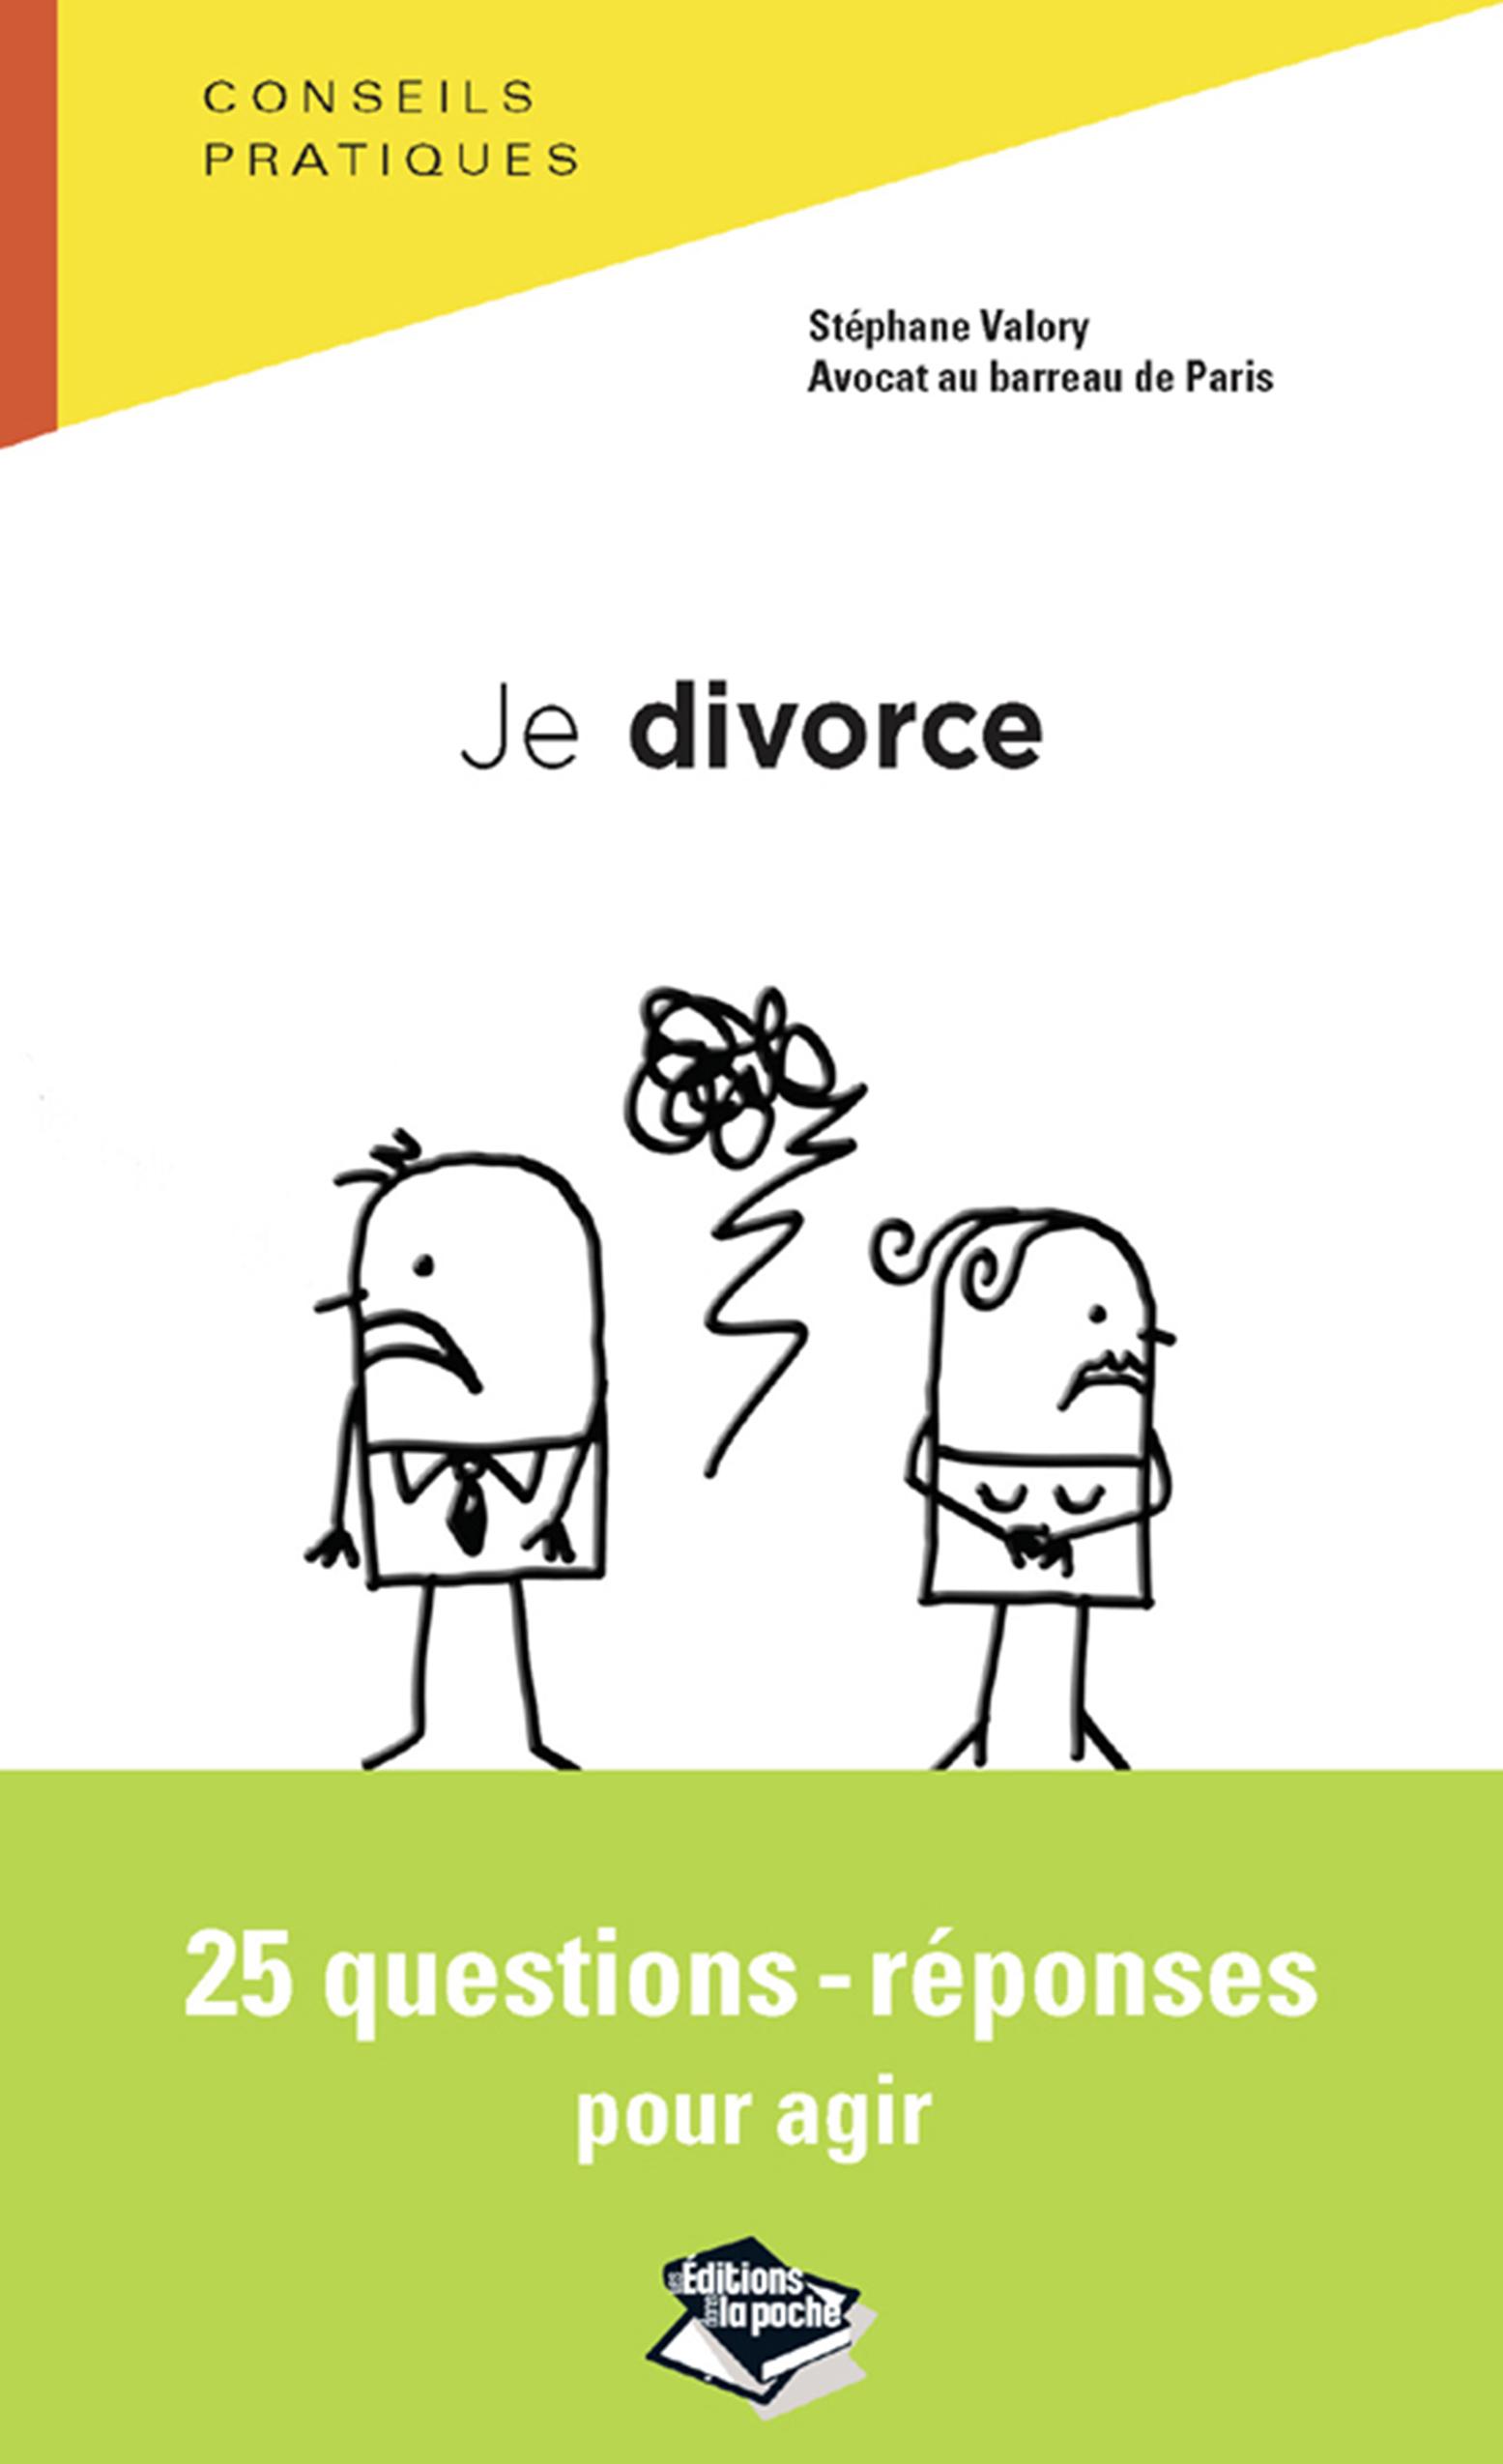 Je divorce, 25 questions-réponses pour agir